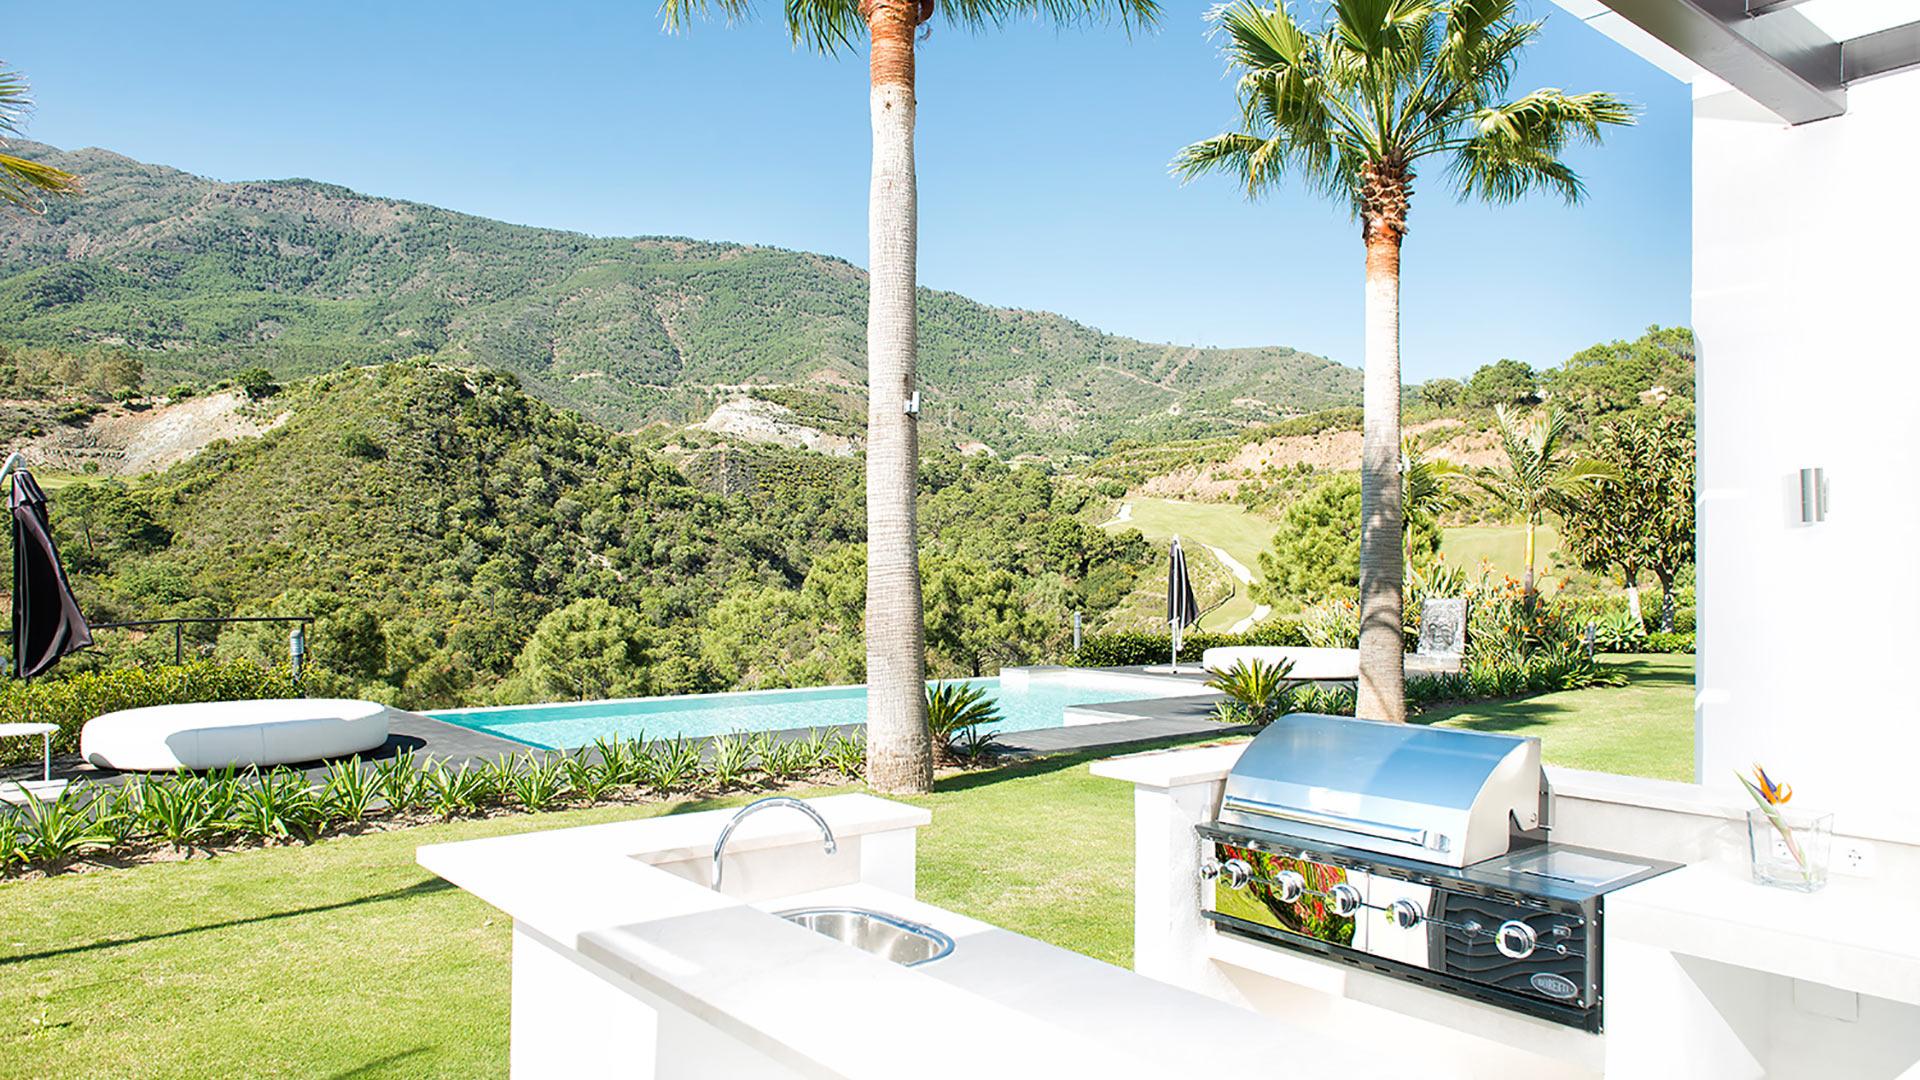 Villa Villa Naturaleza, Rental in Andalusia